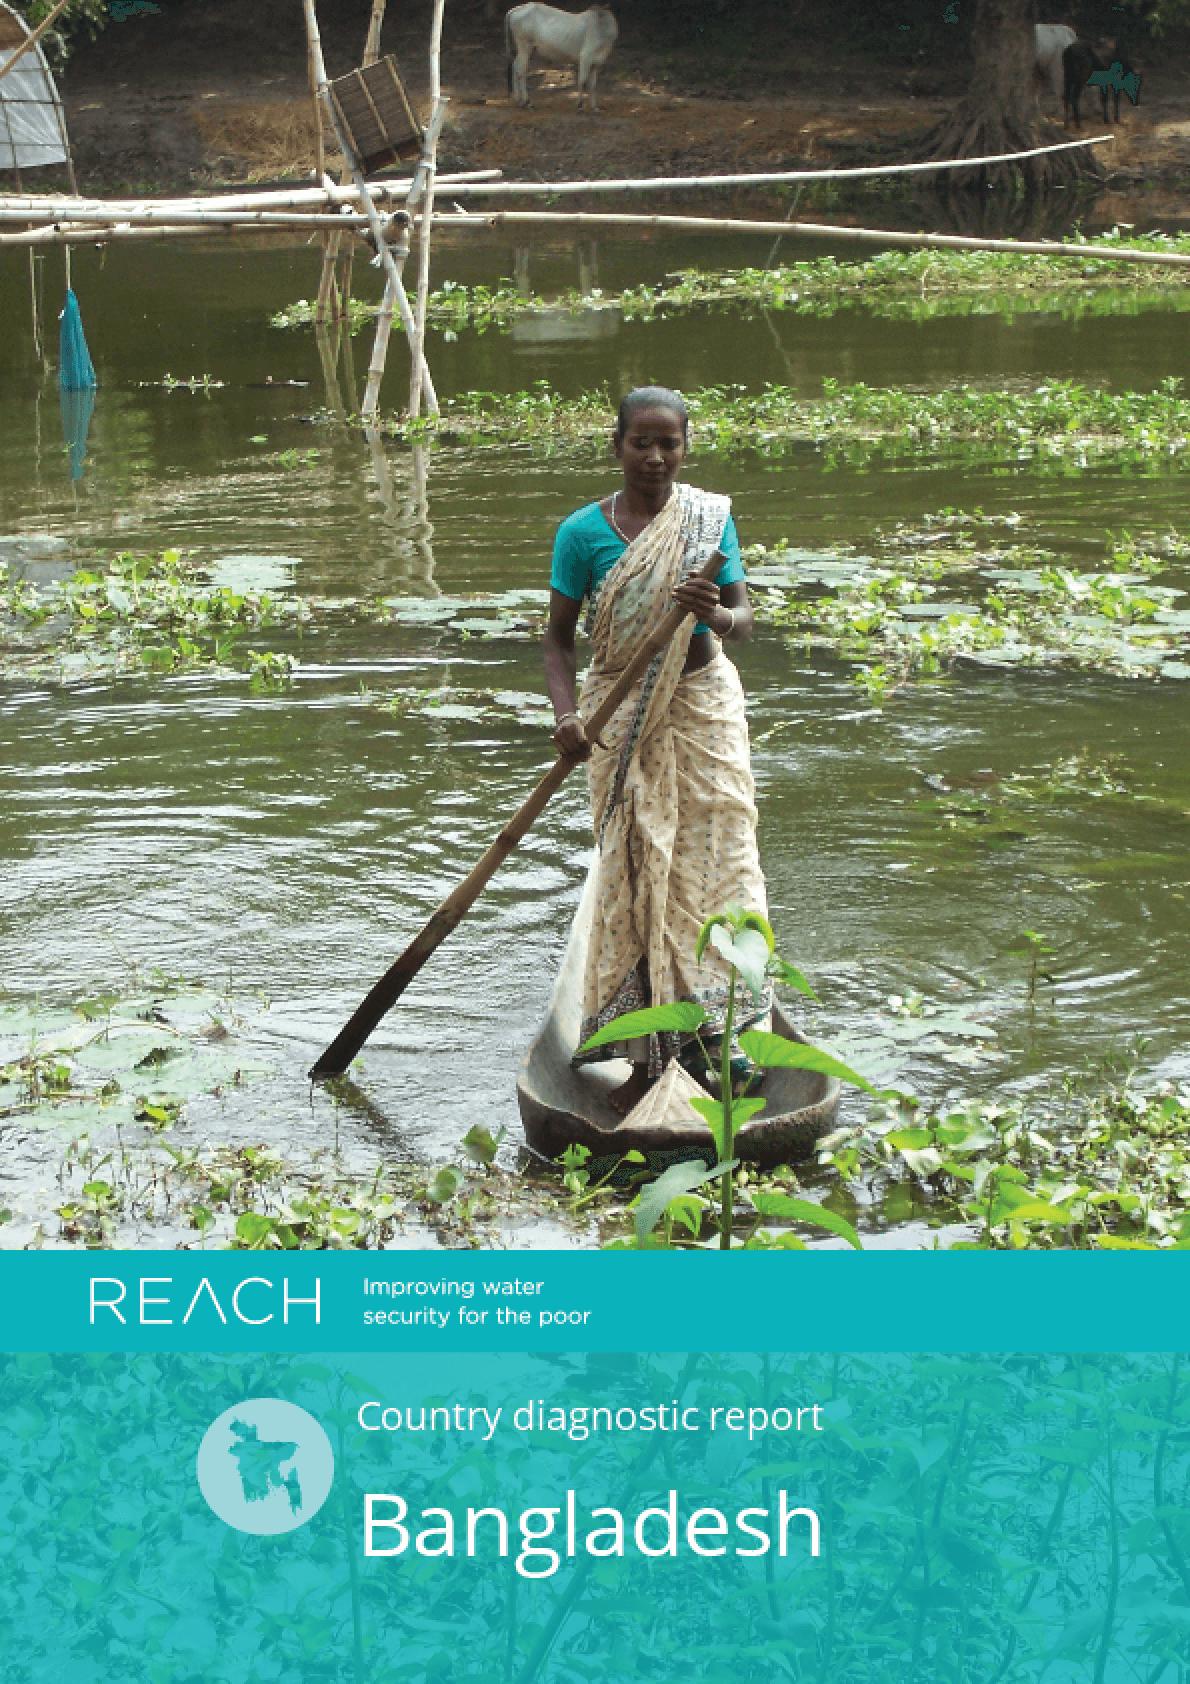 REACH Country Diagnostic Report, Bangladesh